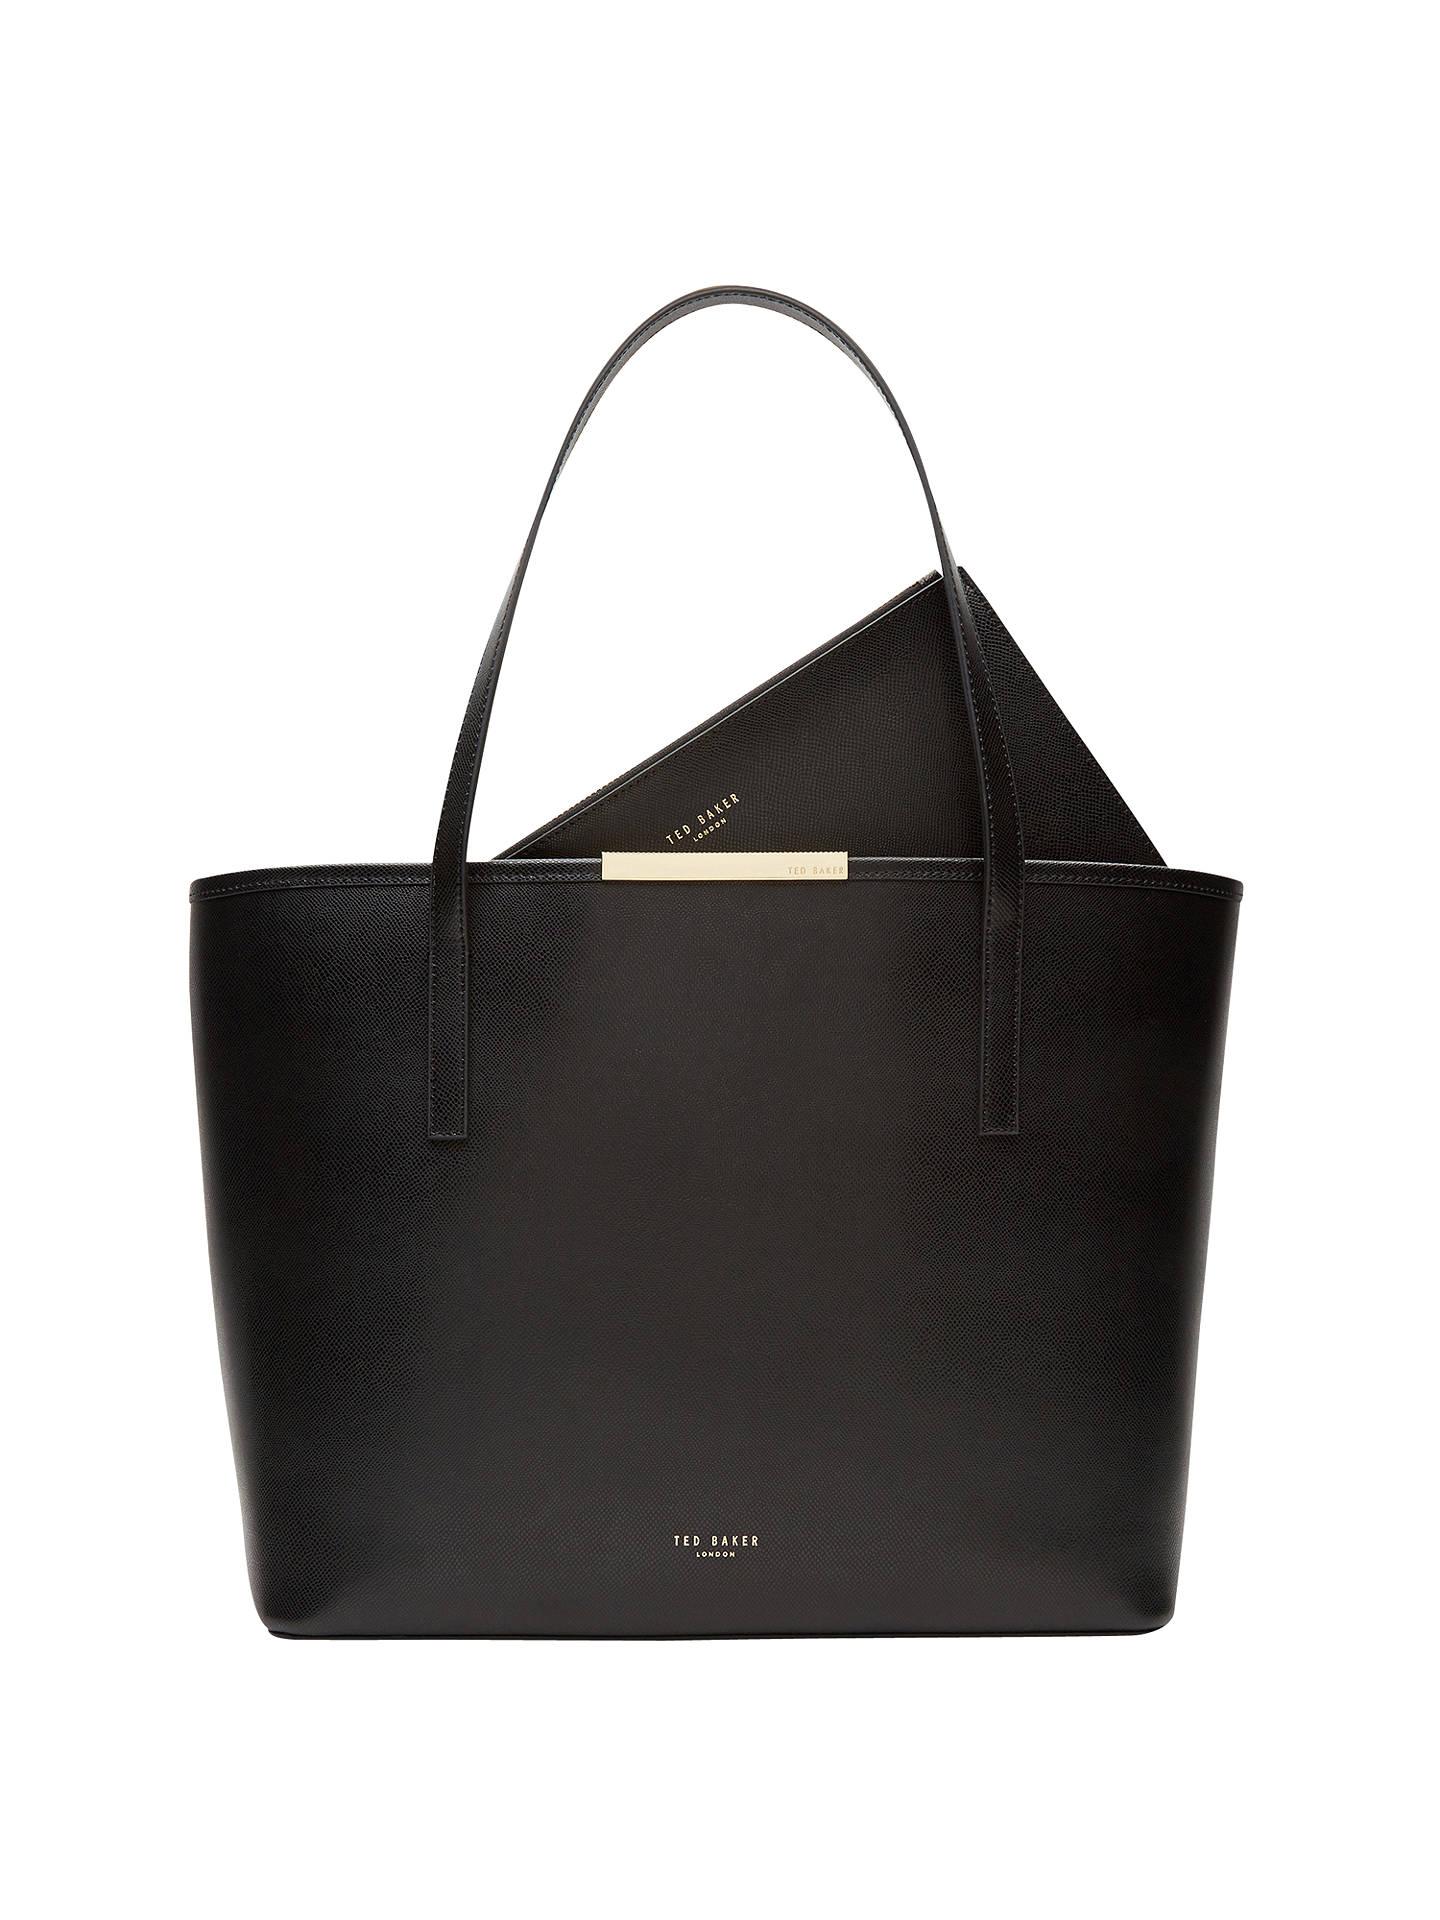 6872bf4cd81 Ted Baker Kaci Large Leather Shopper Bag, Black